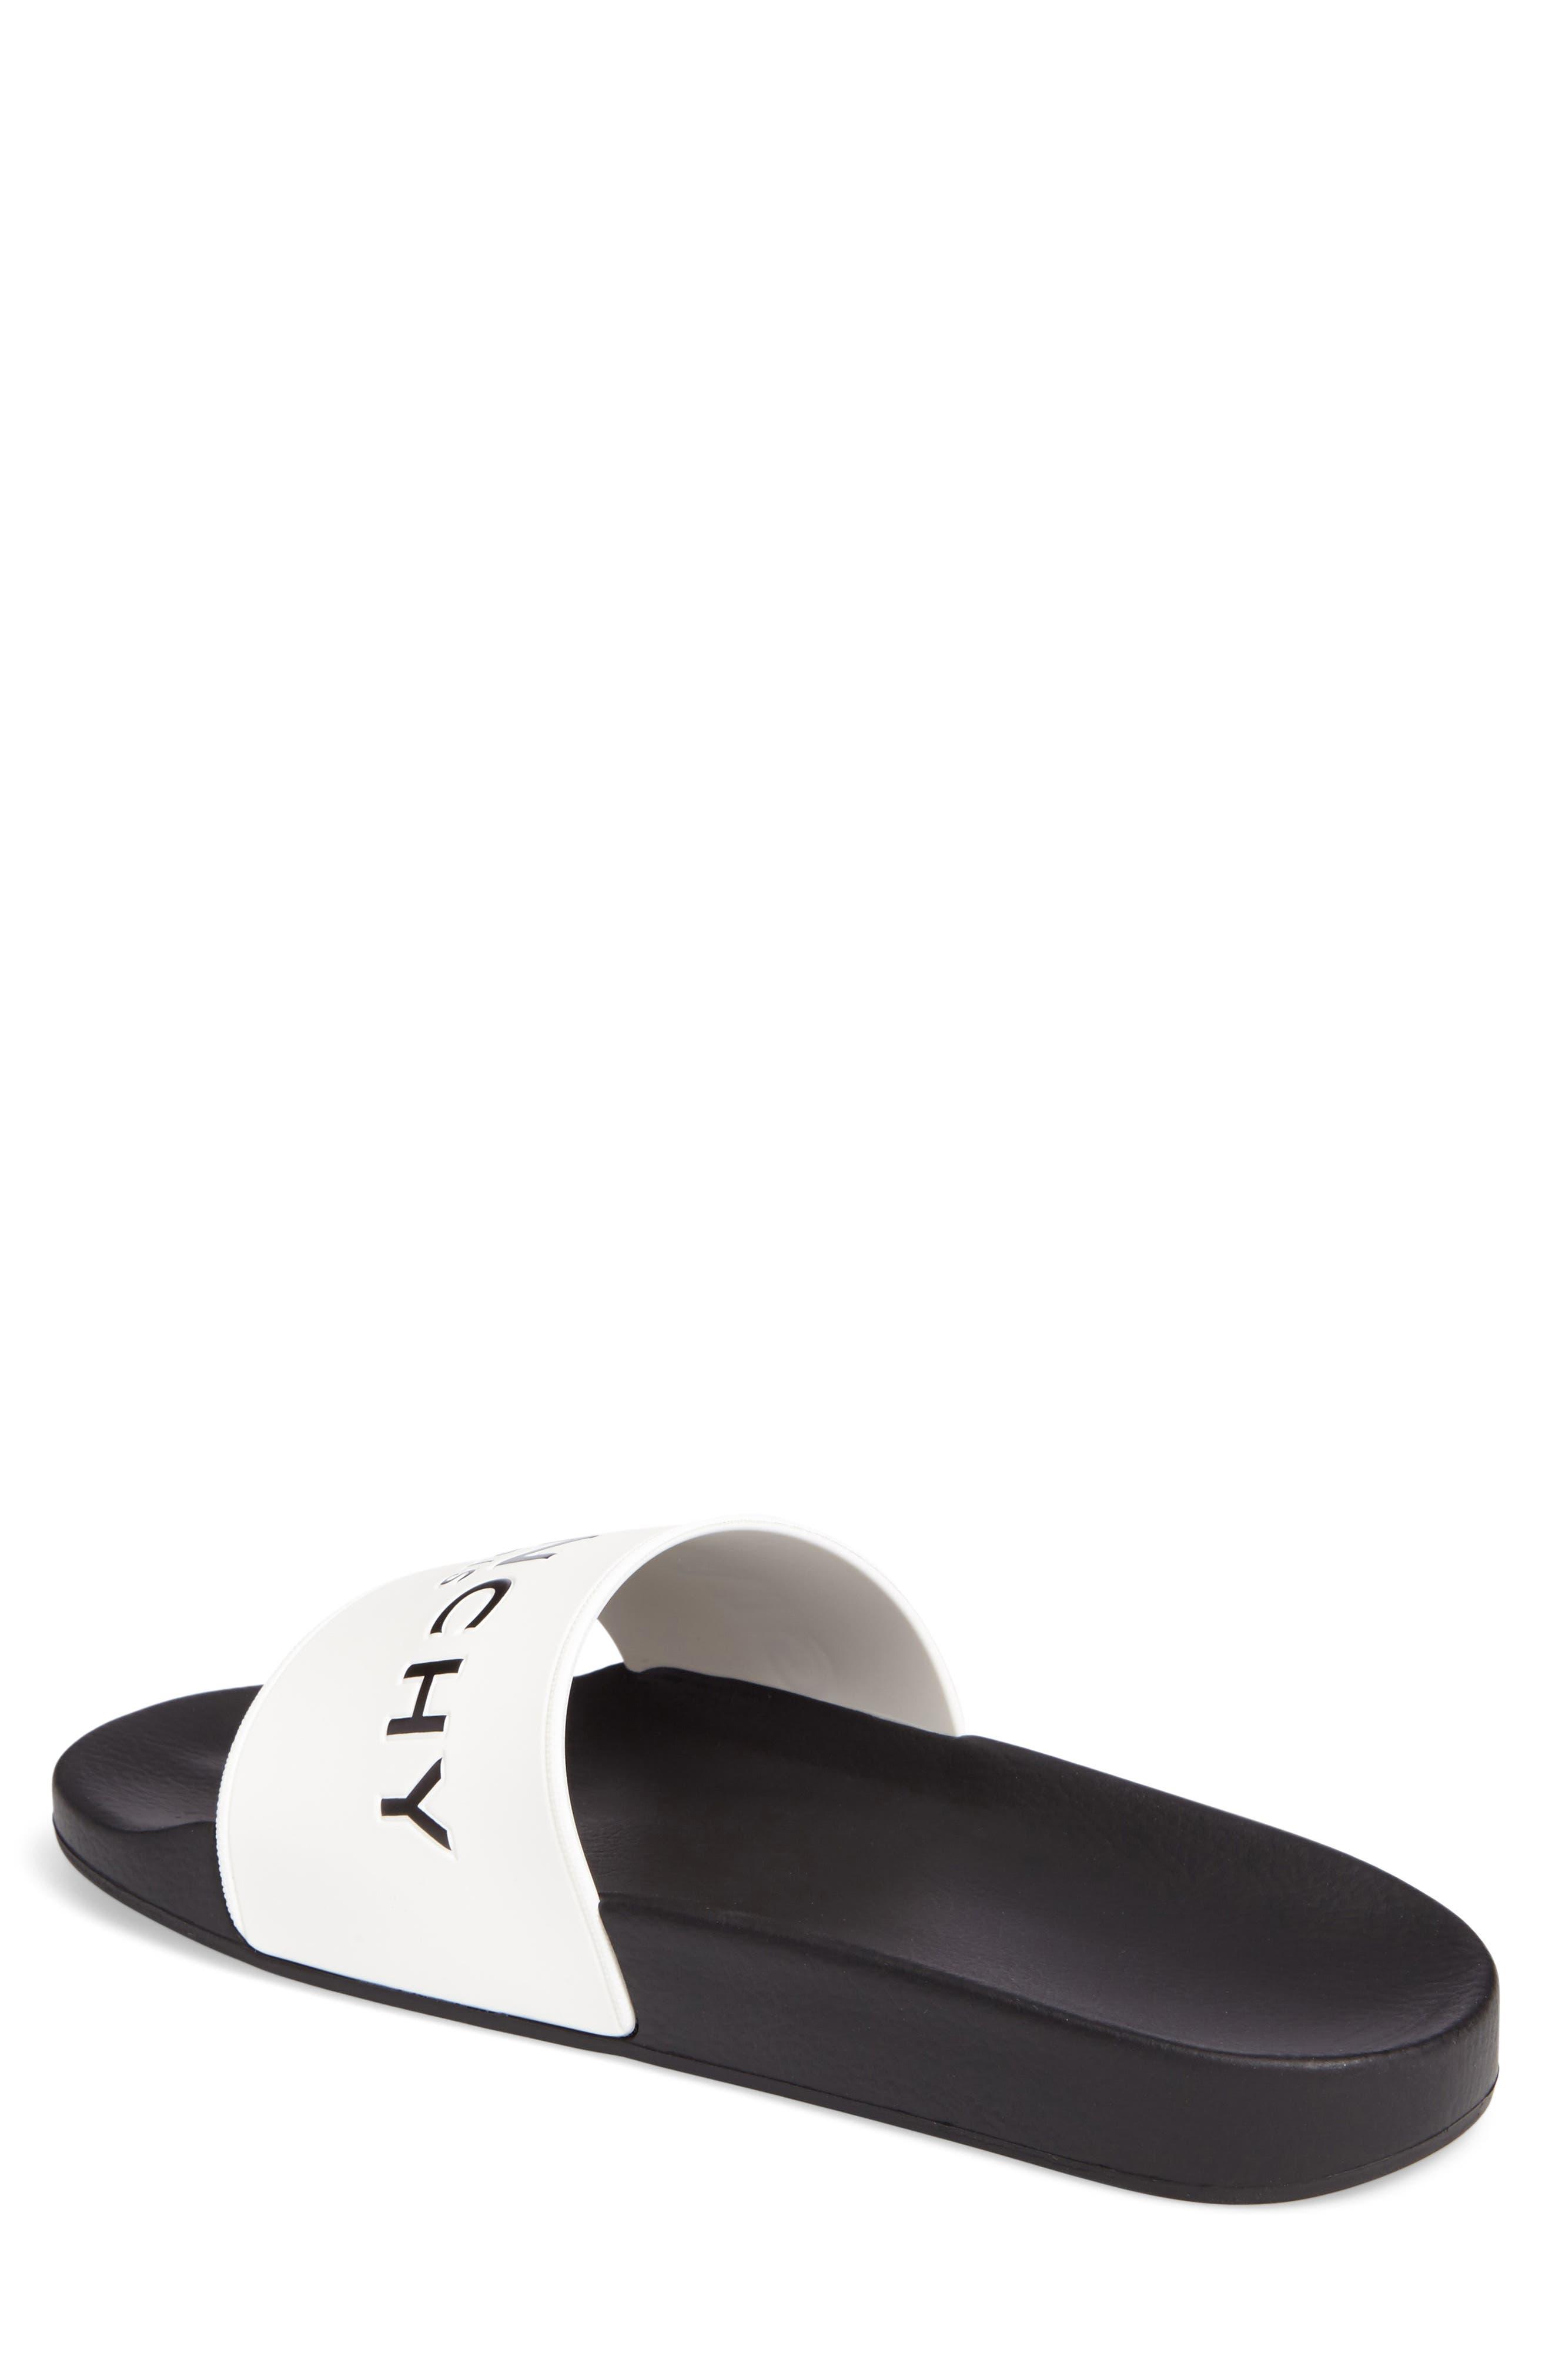 newest 4ea34 1500d Men's Shoes | Nordstrom